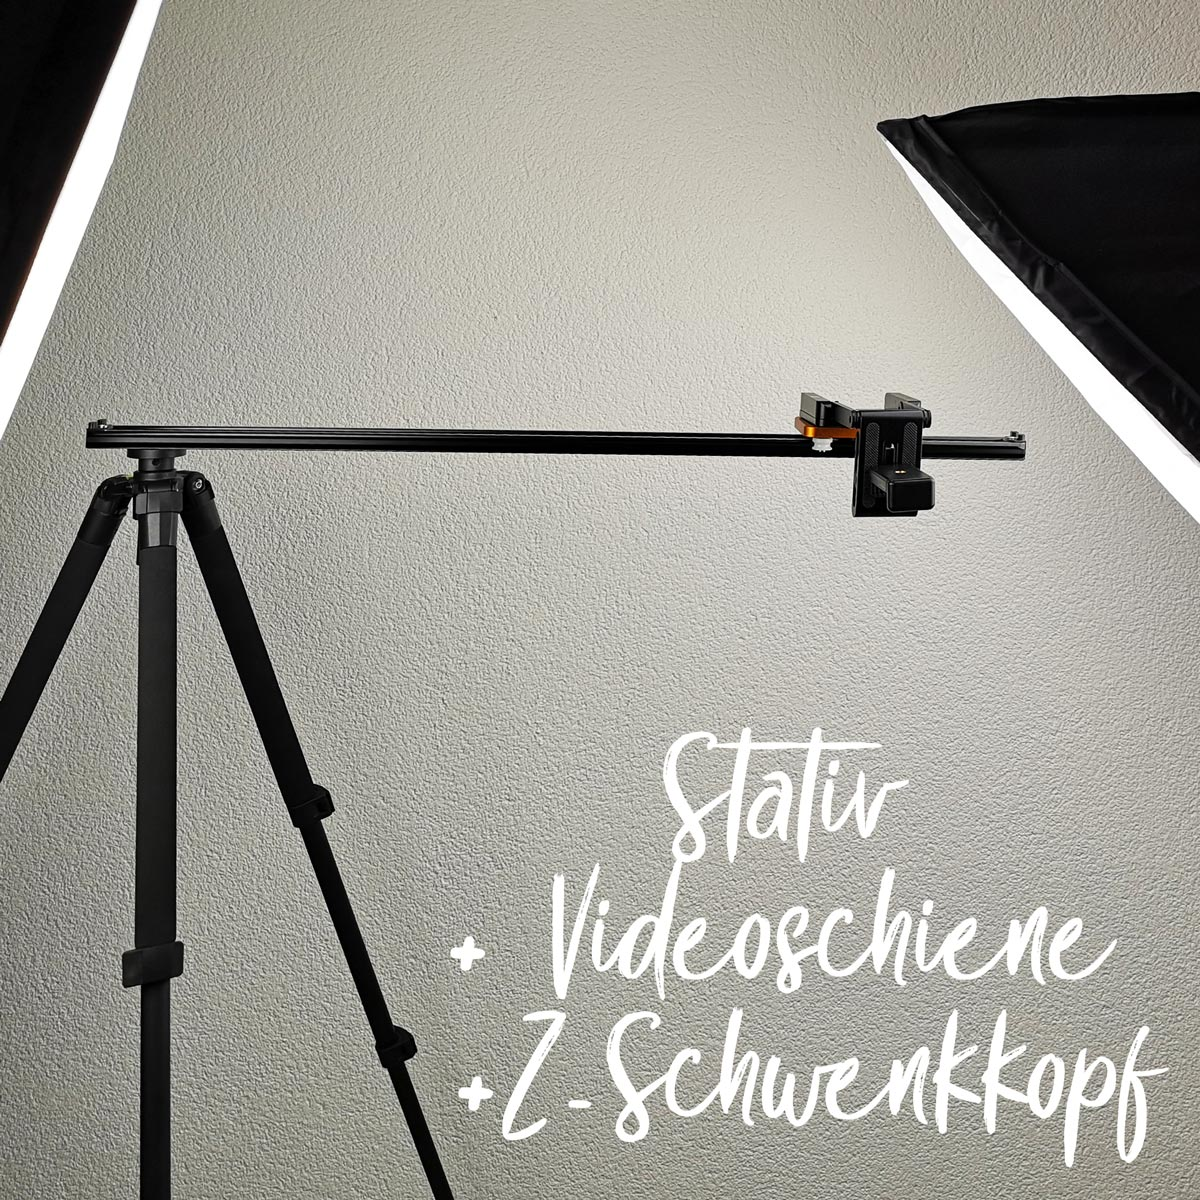 Meine Video-Aufbau: Stativ + Videoschiene + Z-Schwenkkopf